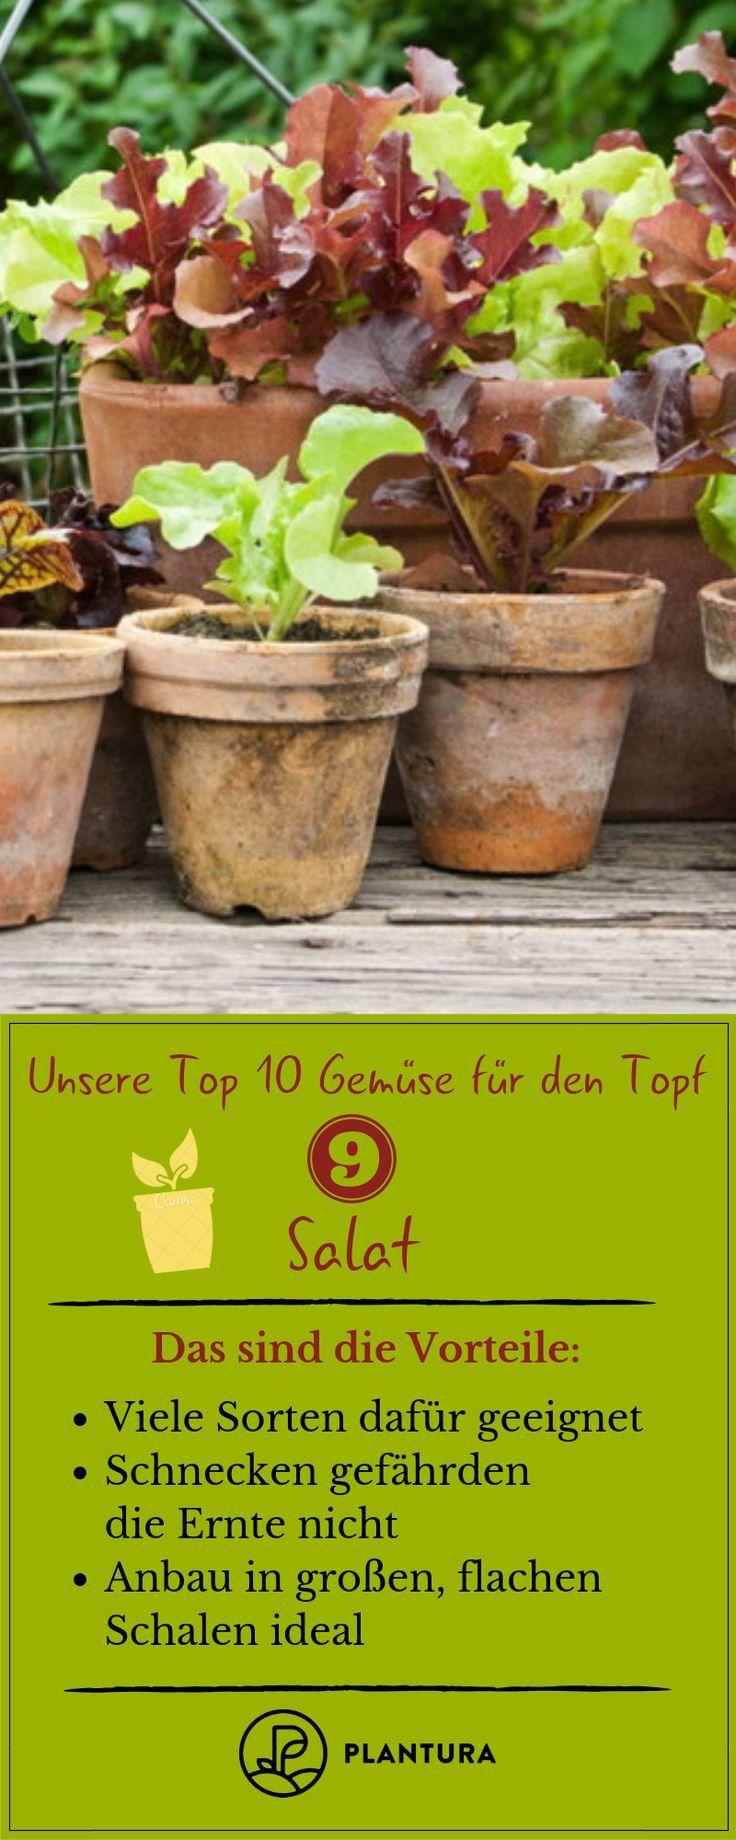 Gemüse im Topf anbauen: Die 10 besten Sorten für die Topfkultur   - Gemüsegarten: Gemüse anbauen im Gemüsebeet -